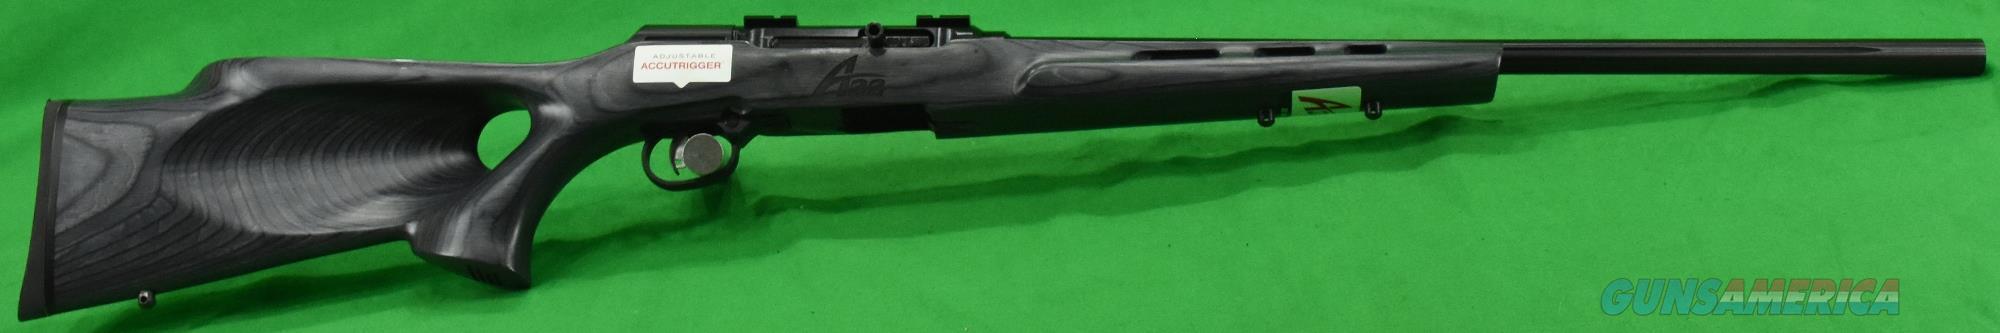 A22 Target Thumbhole 22LR 22In  47215  Guns > Rifles > Savage Rifles > Rimfire